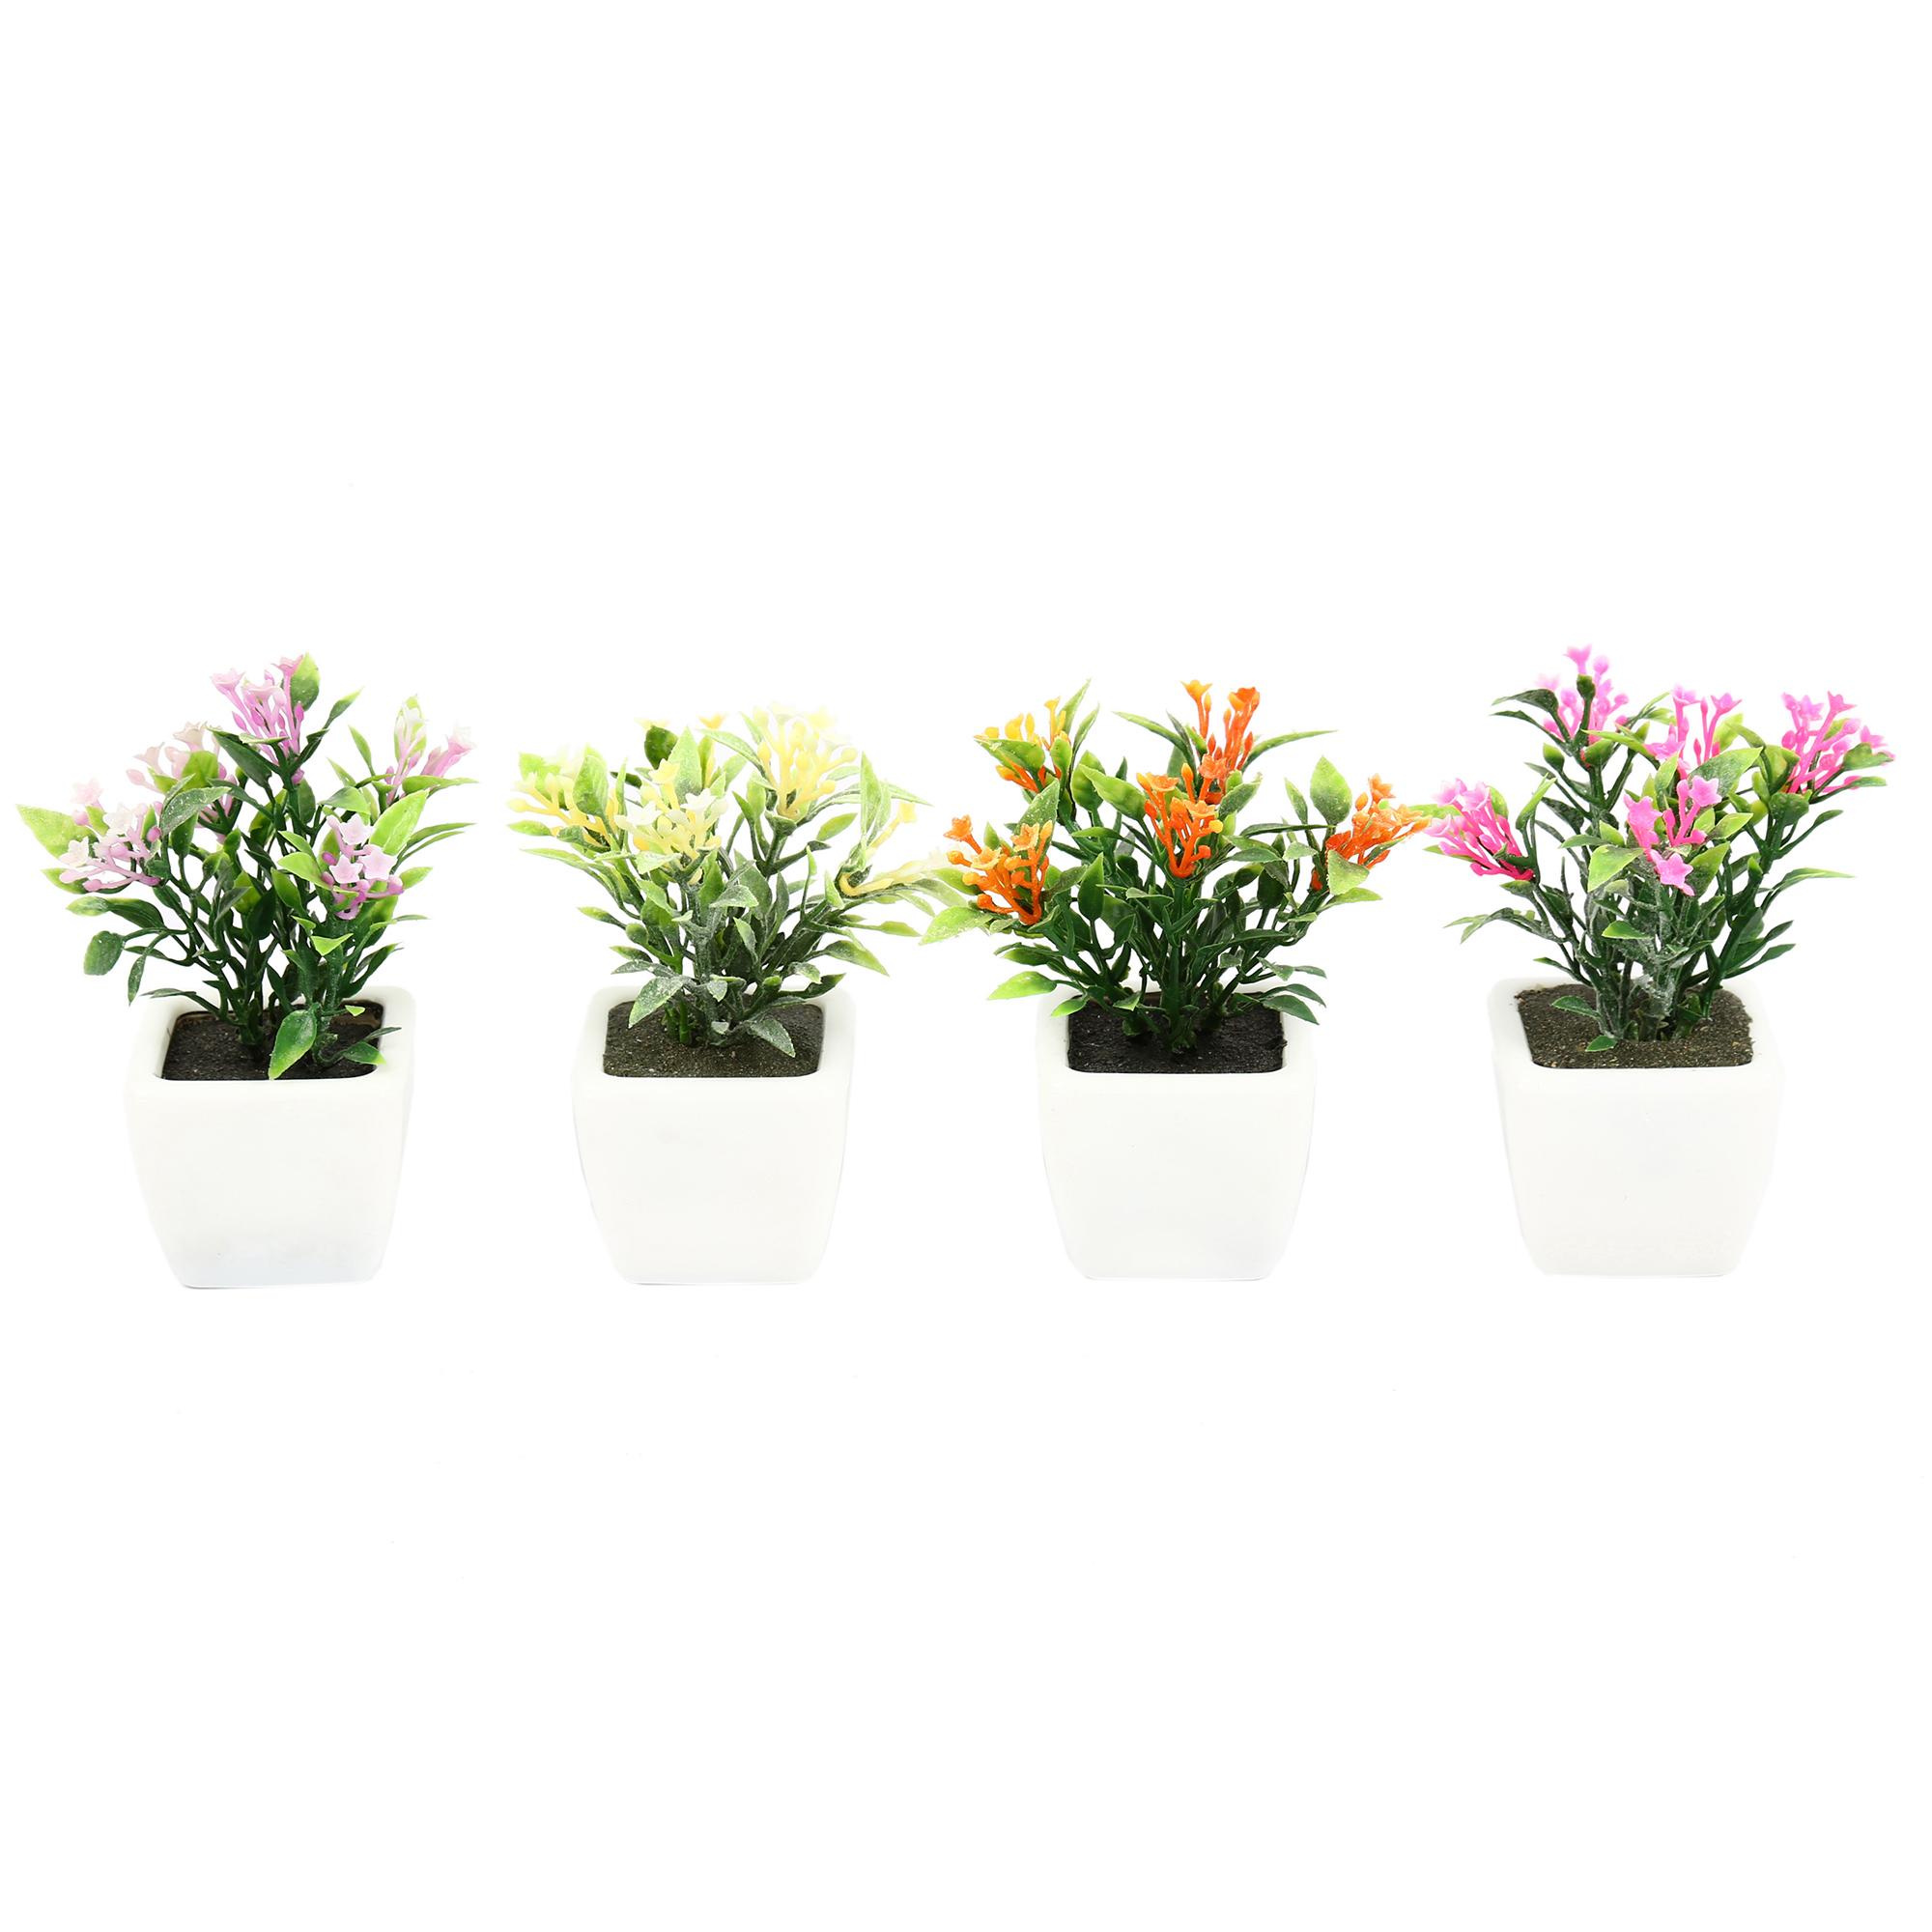 گلدان دکوری به همراه گل مصنوعی هومز مدل 30506 مجموعه 4 عددی